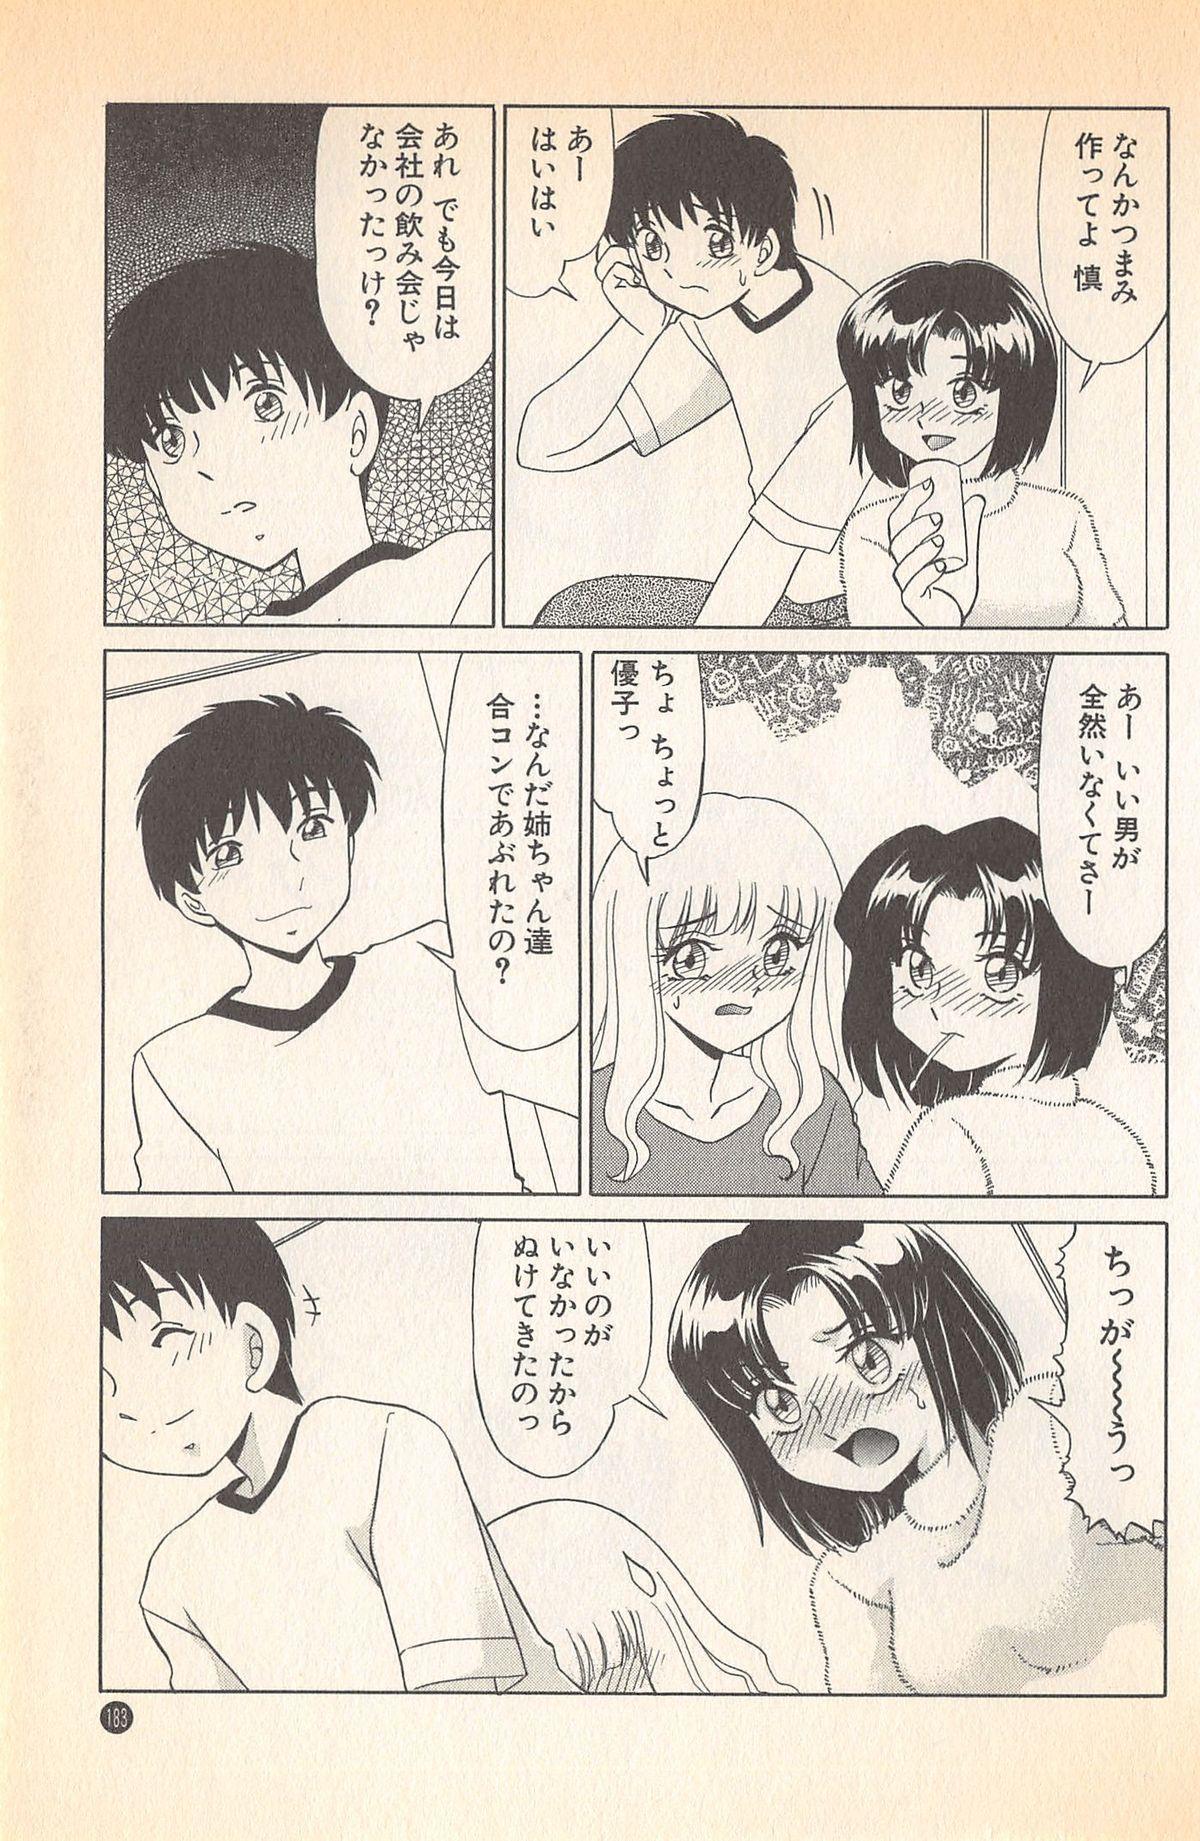 Doki Doki no Shikumi 184